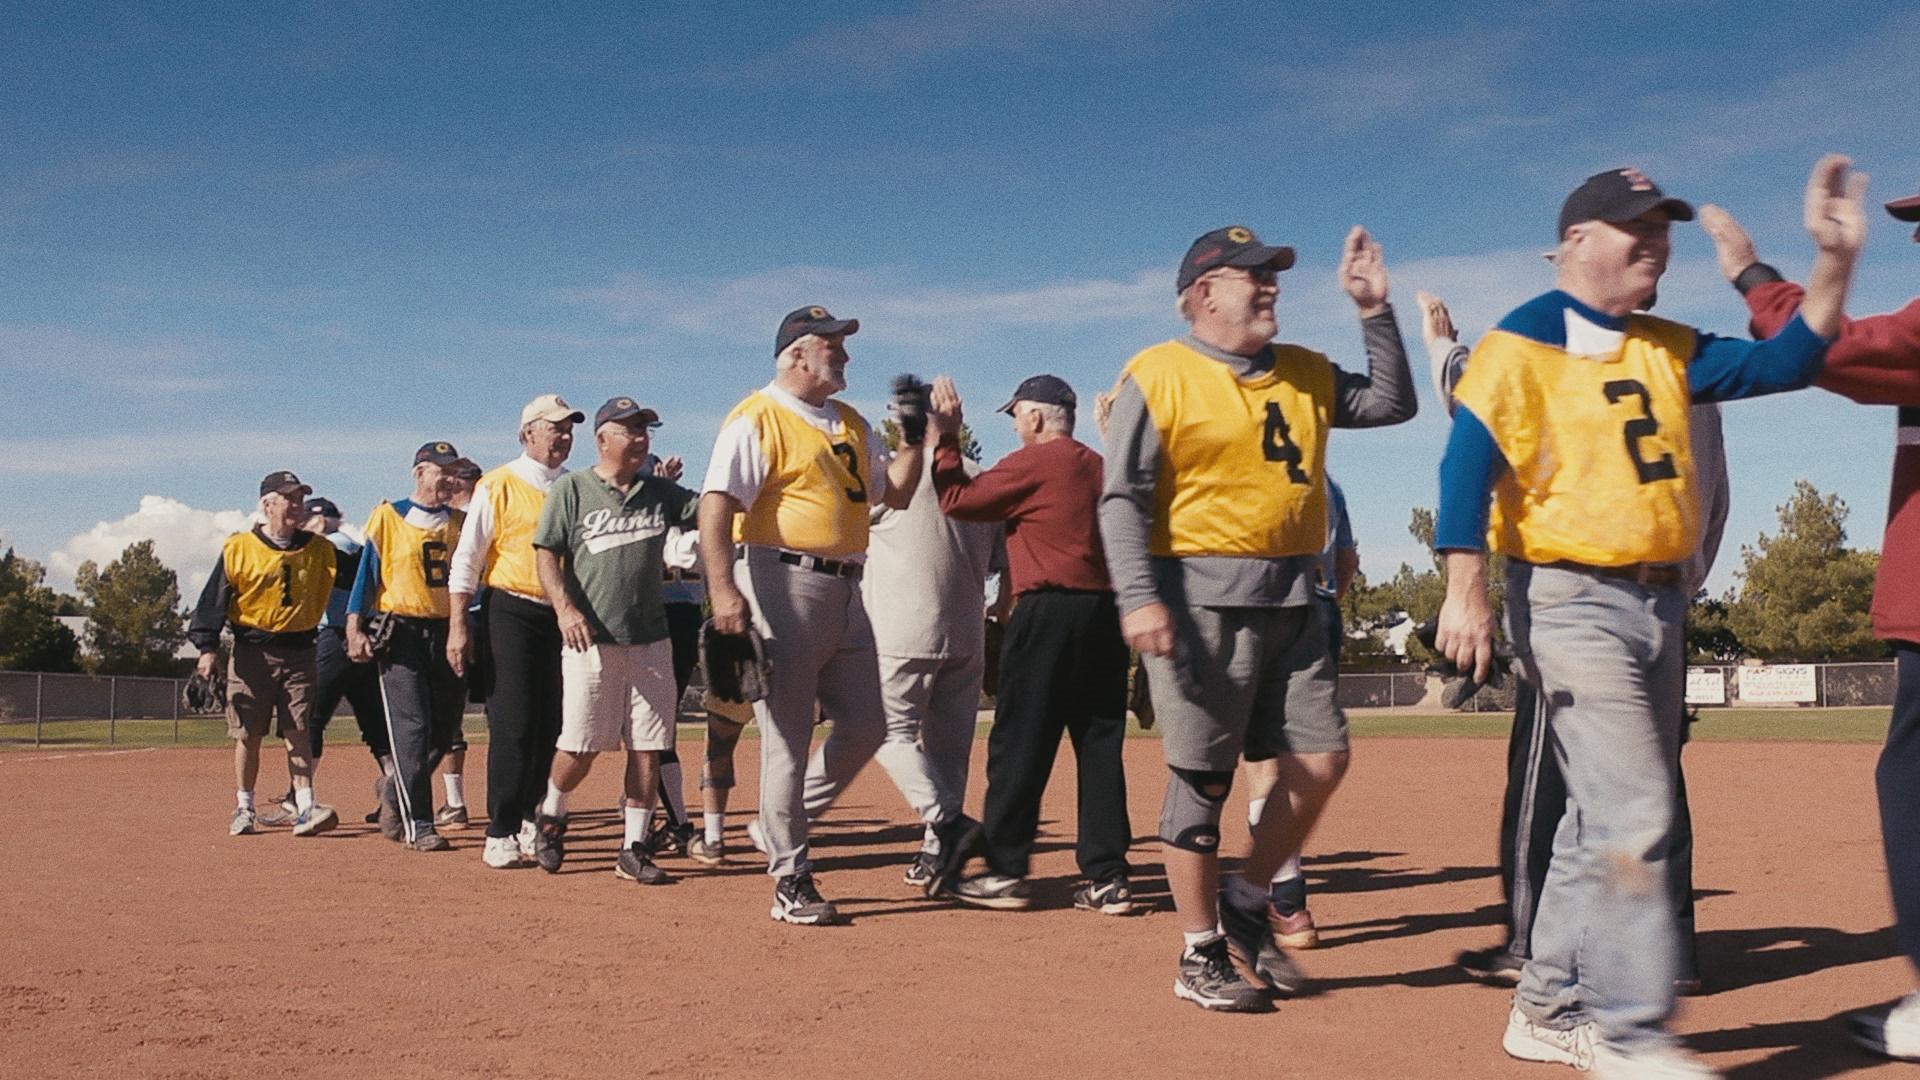 Baseballteam 55+